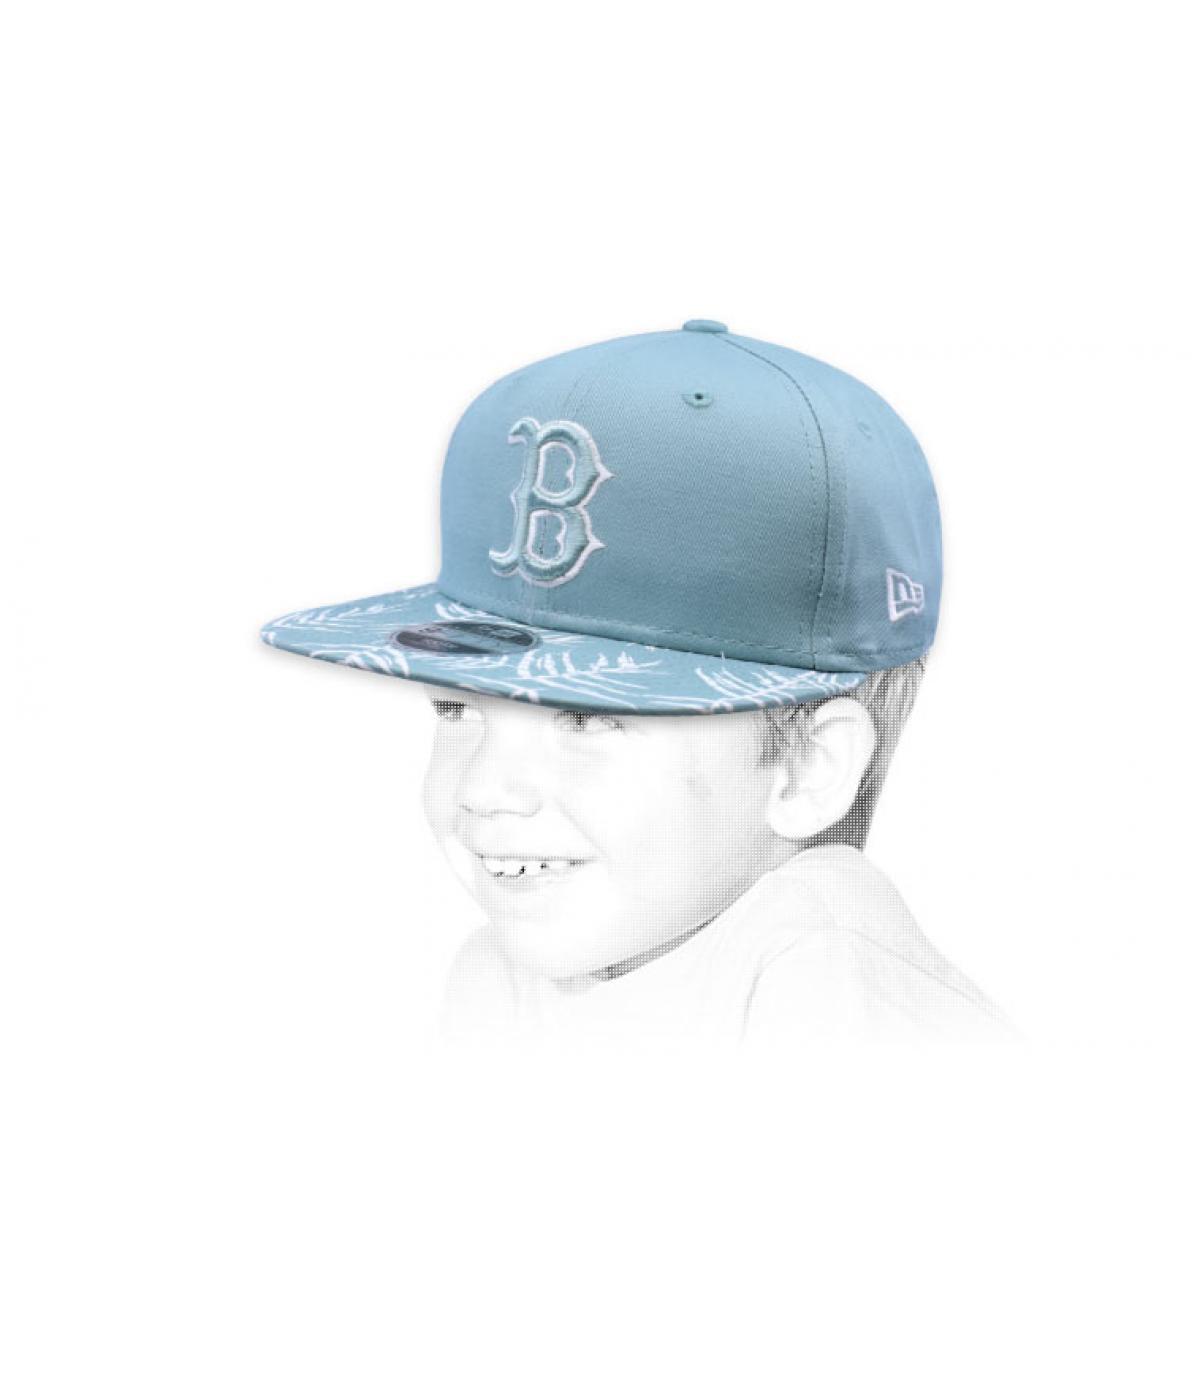 snapback kid blue B